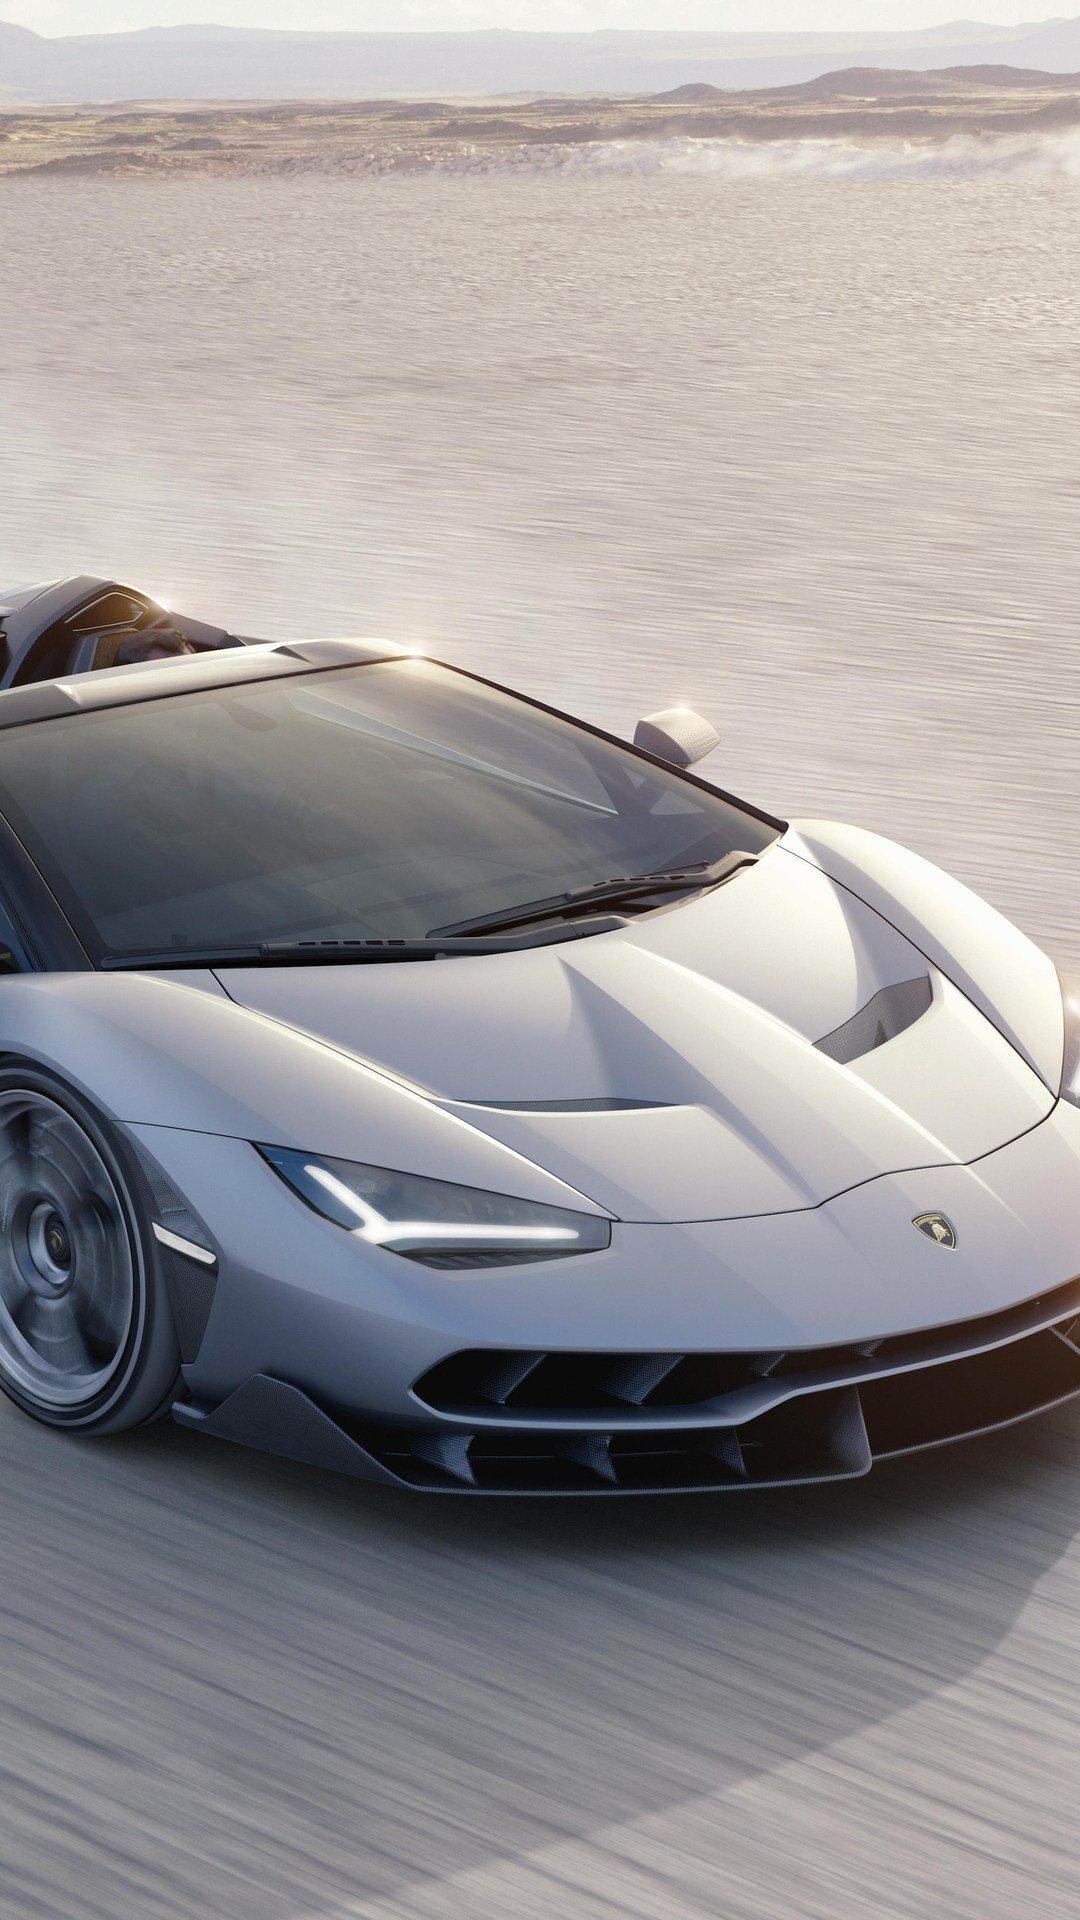 Lamborghini Cell s7 Edge Wallpaper